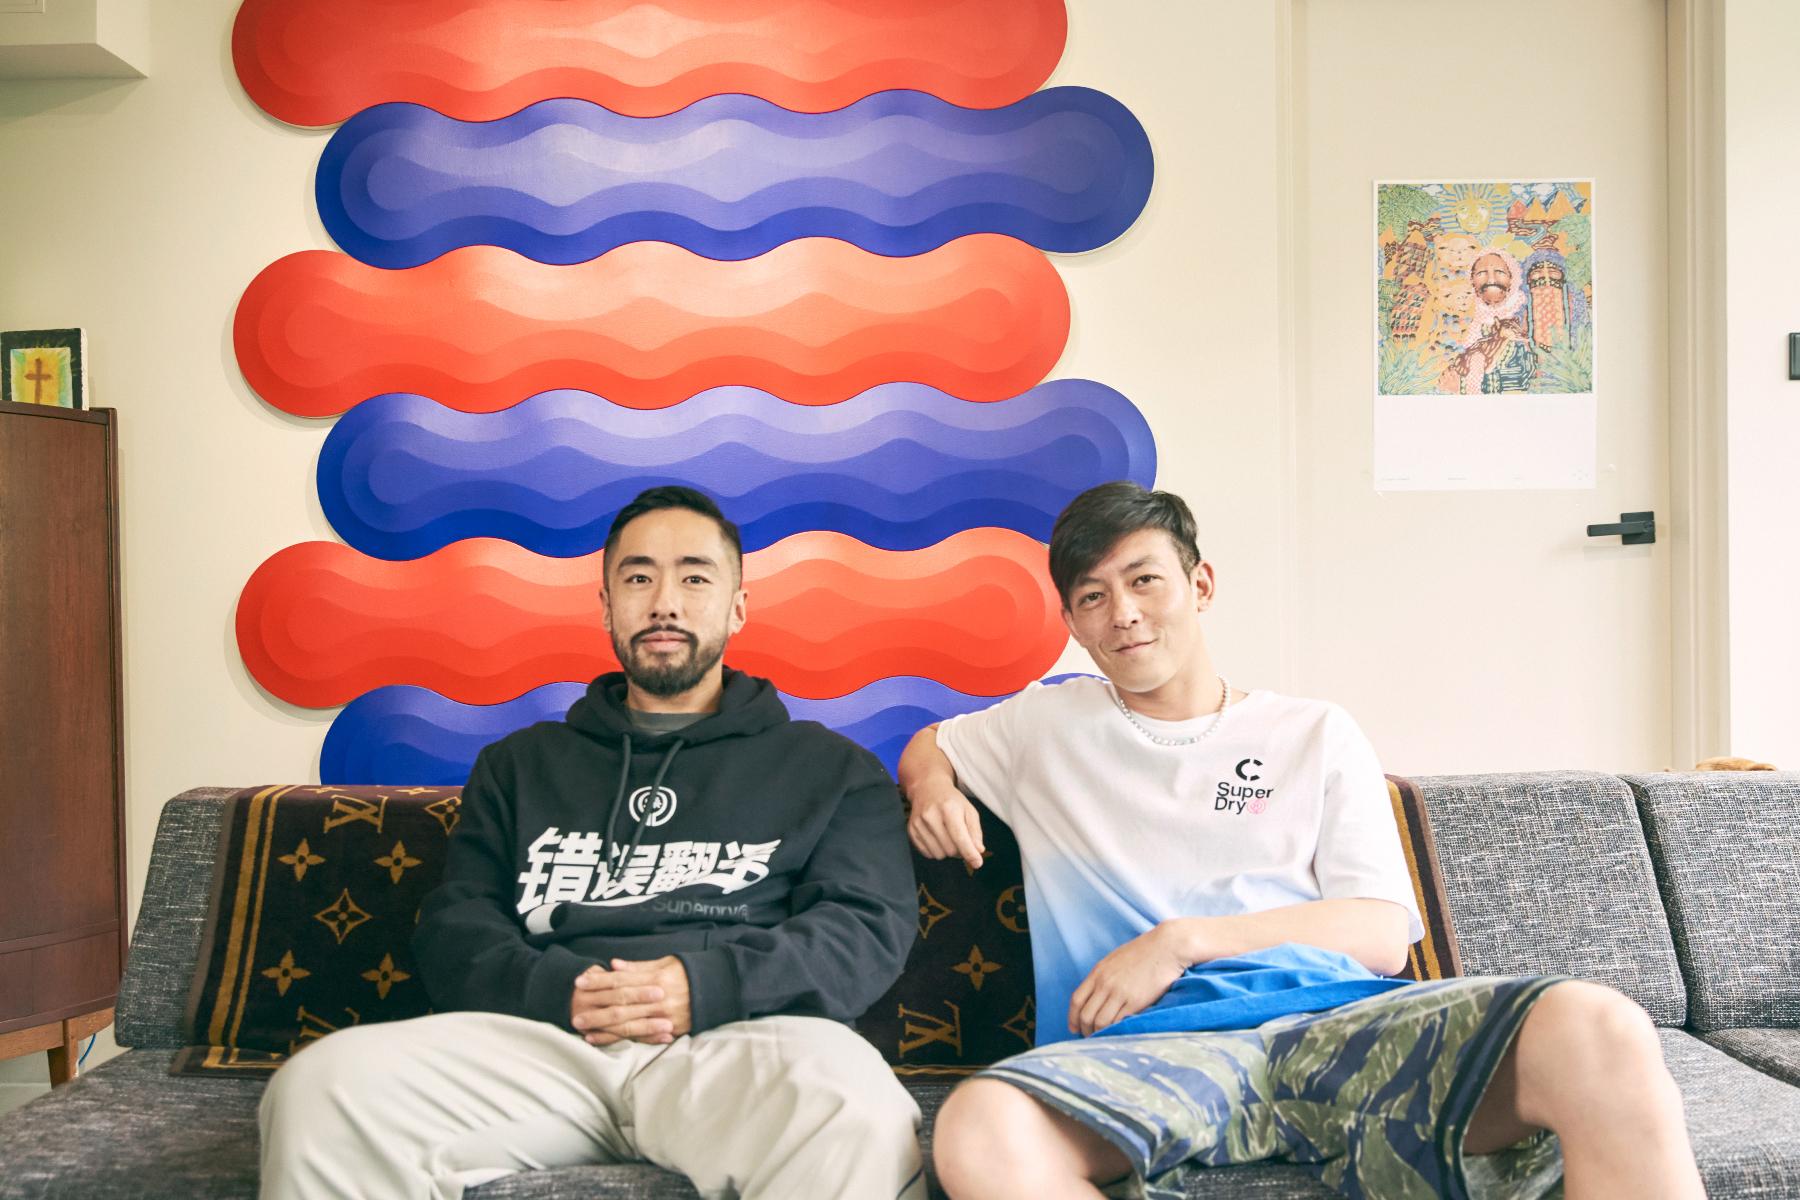 专访陈冠希 & 潘世亨:对于联名,我们想做不容易被猜到的东西